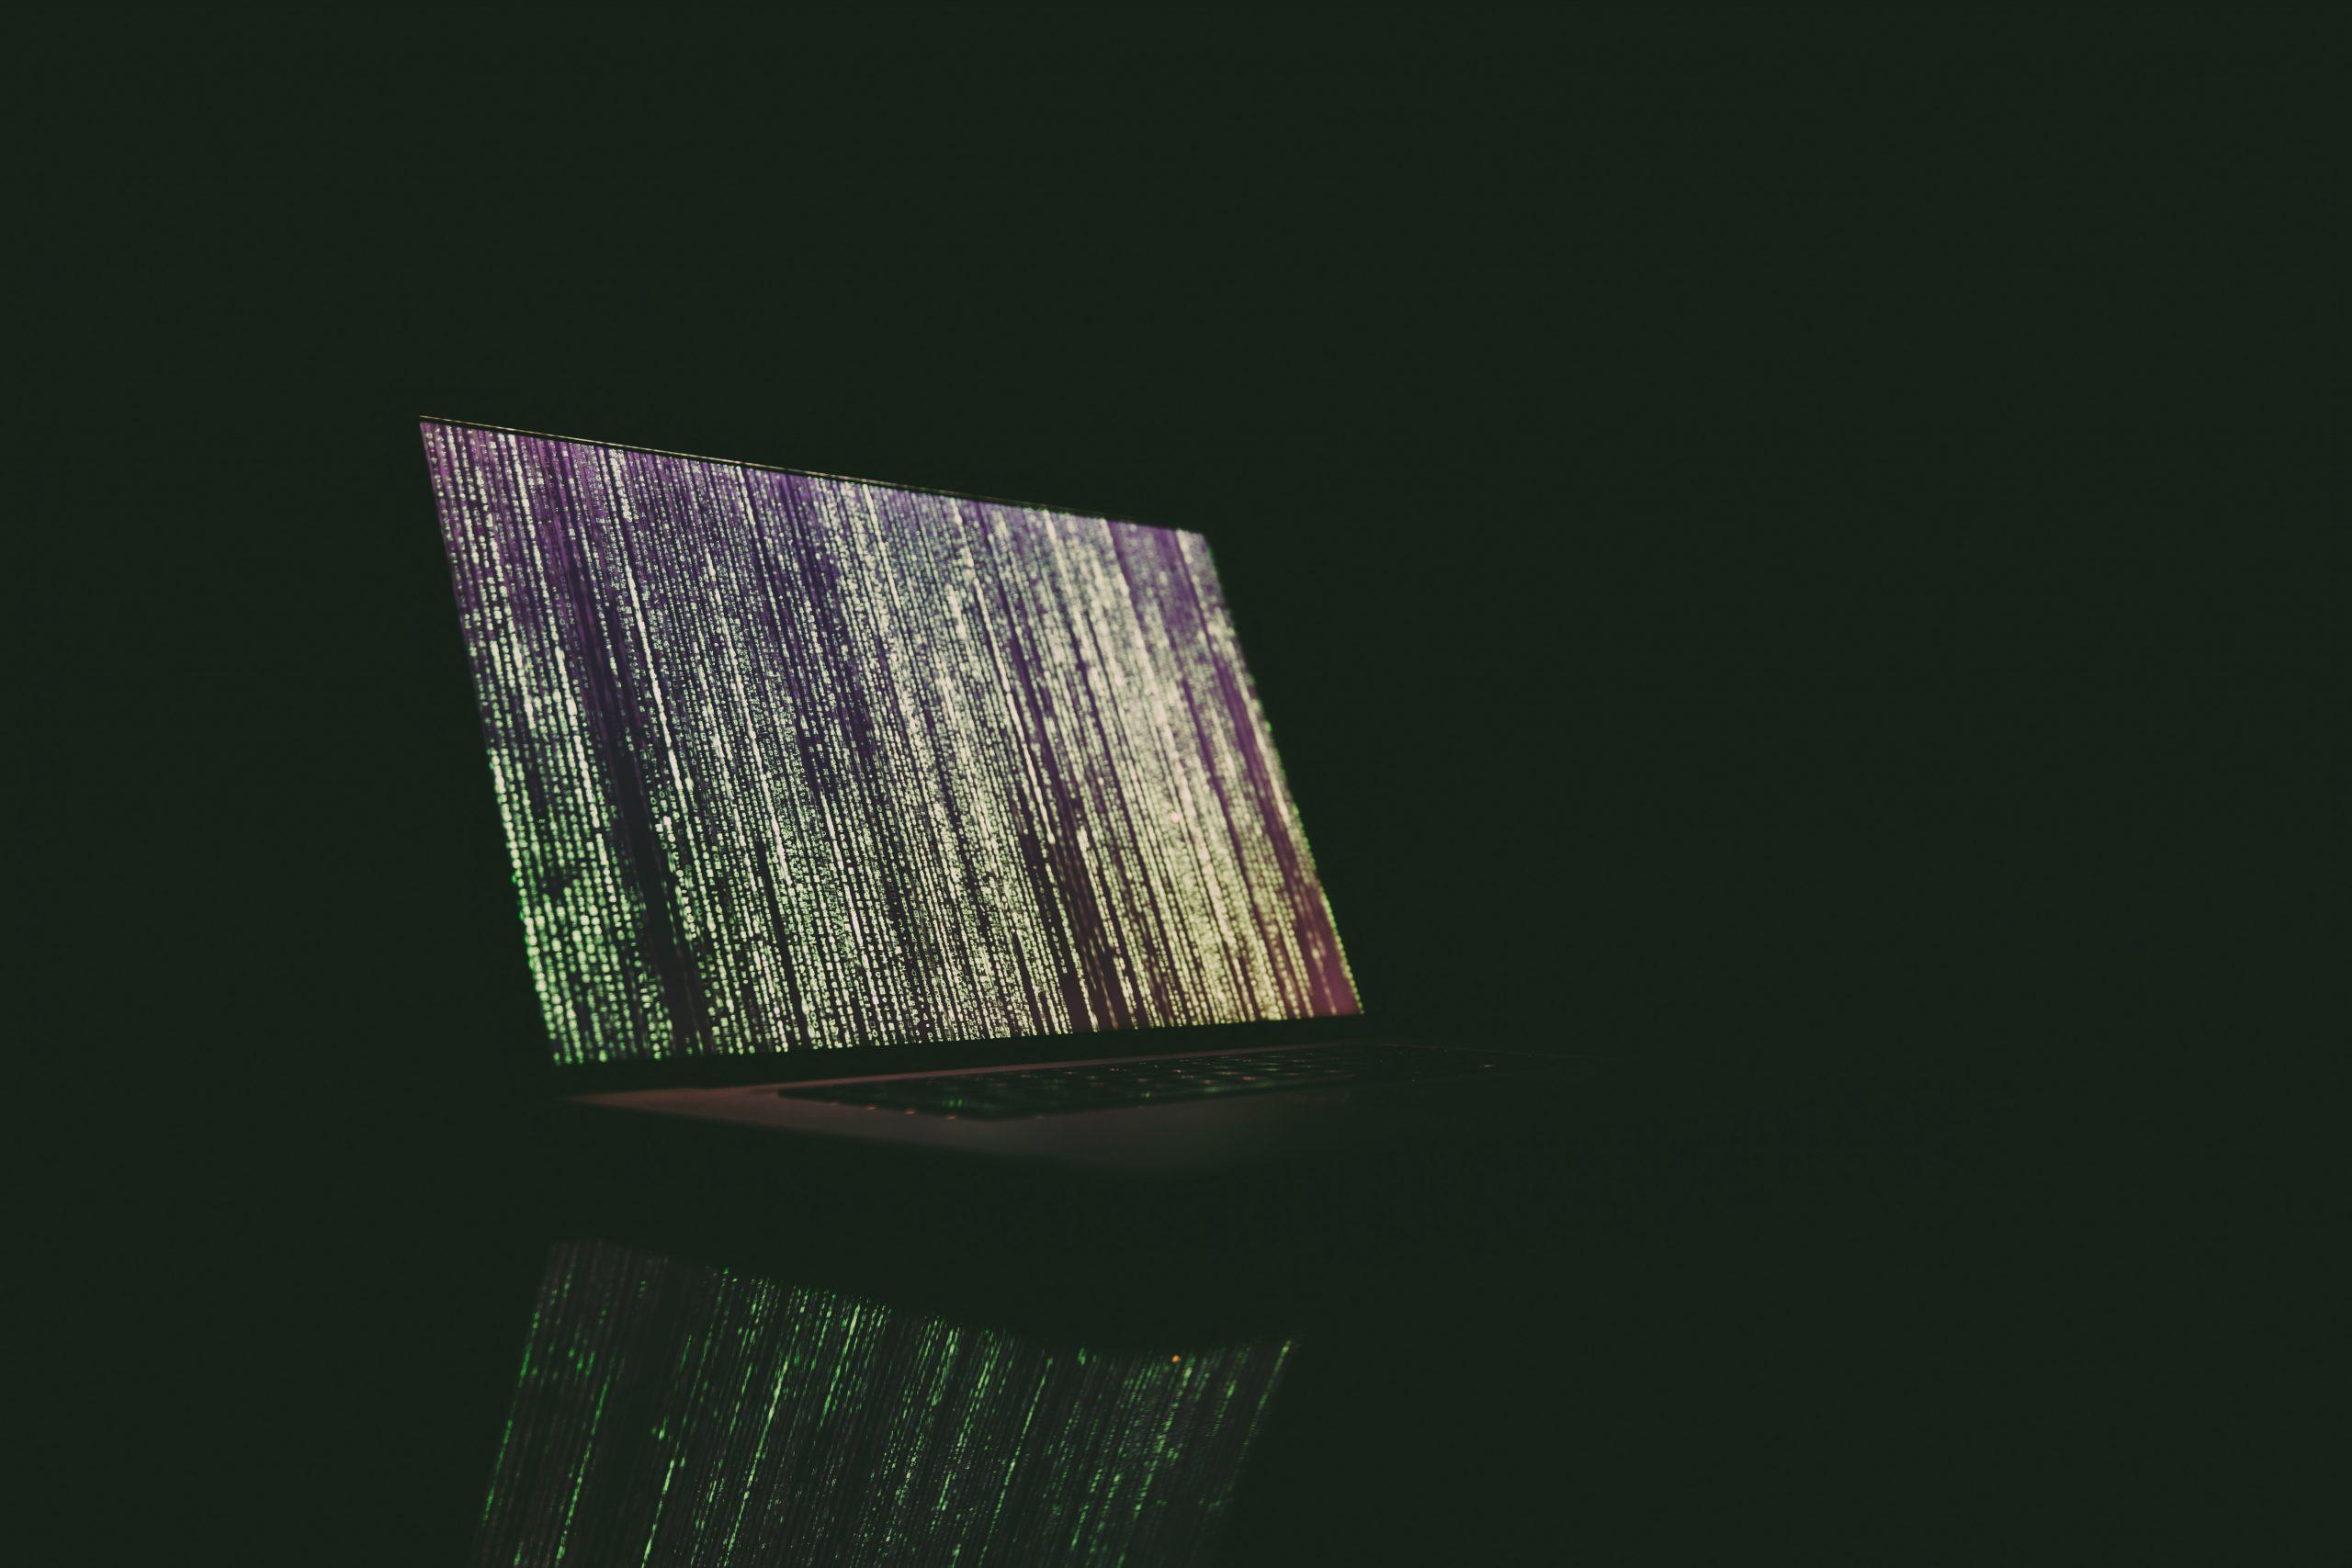 ransomware pymes ciberataque ciberseguridad soluciones pequeña empresa micropyme autonomo recuperar datos onretrieval noticias actualidad tecnologia bit life bitlife media